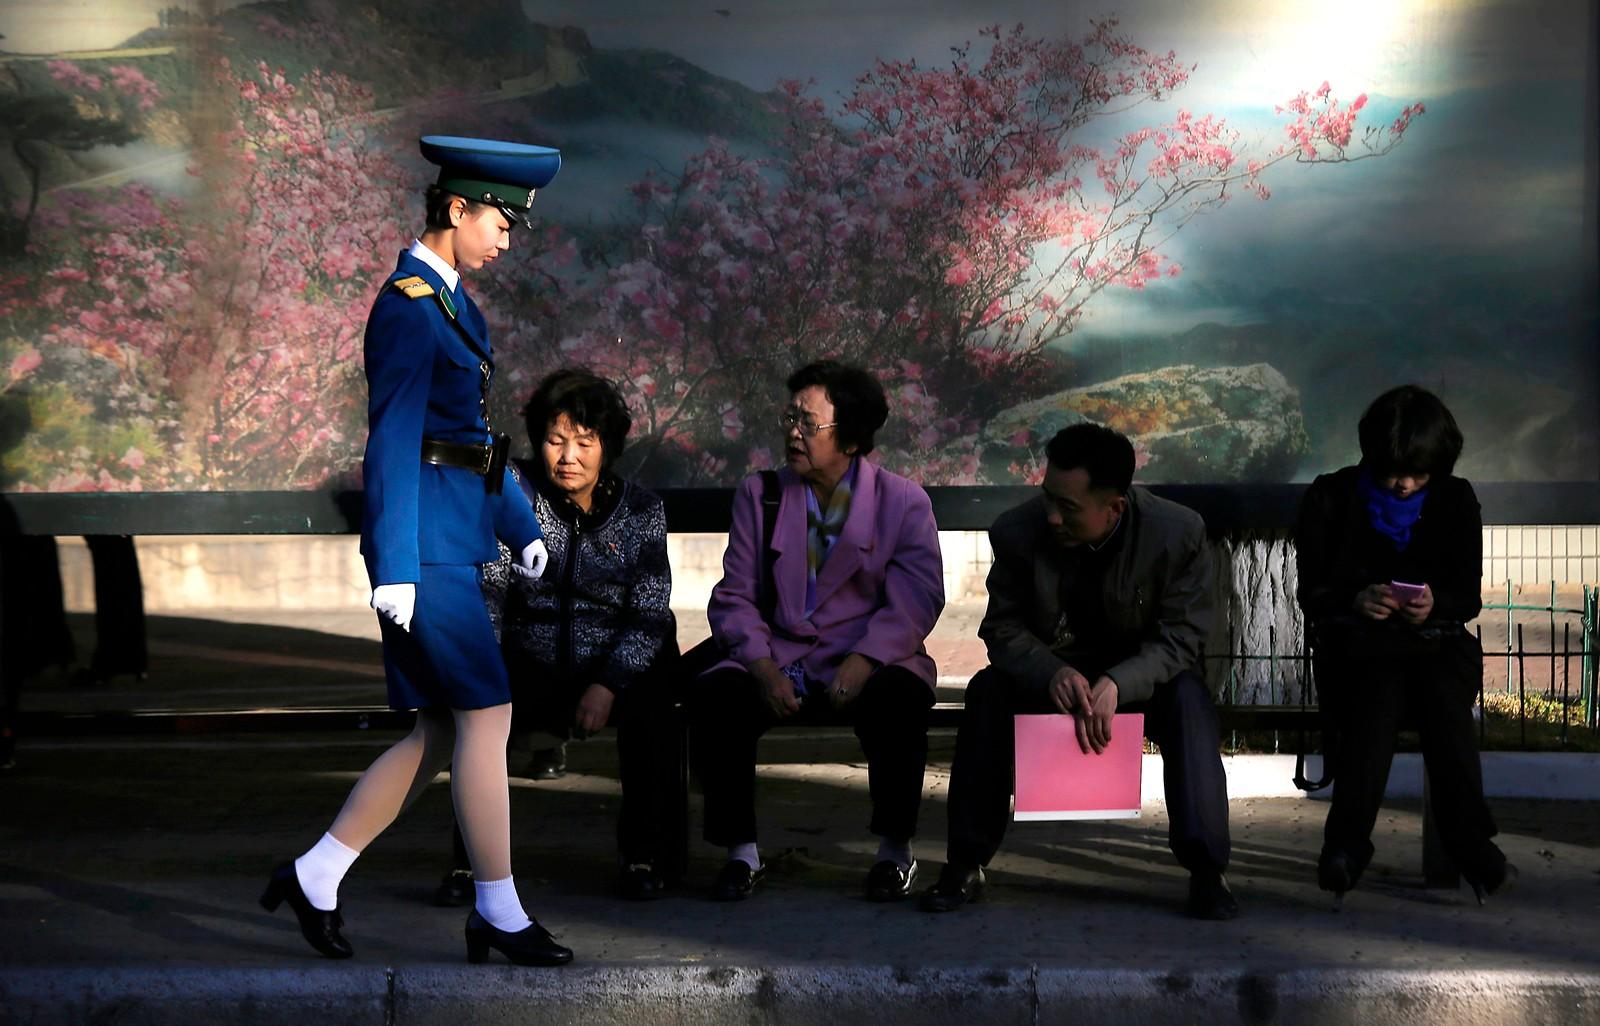 En nordkoreansk politikvinne går forbi en buss-stopp i Pyongyang.